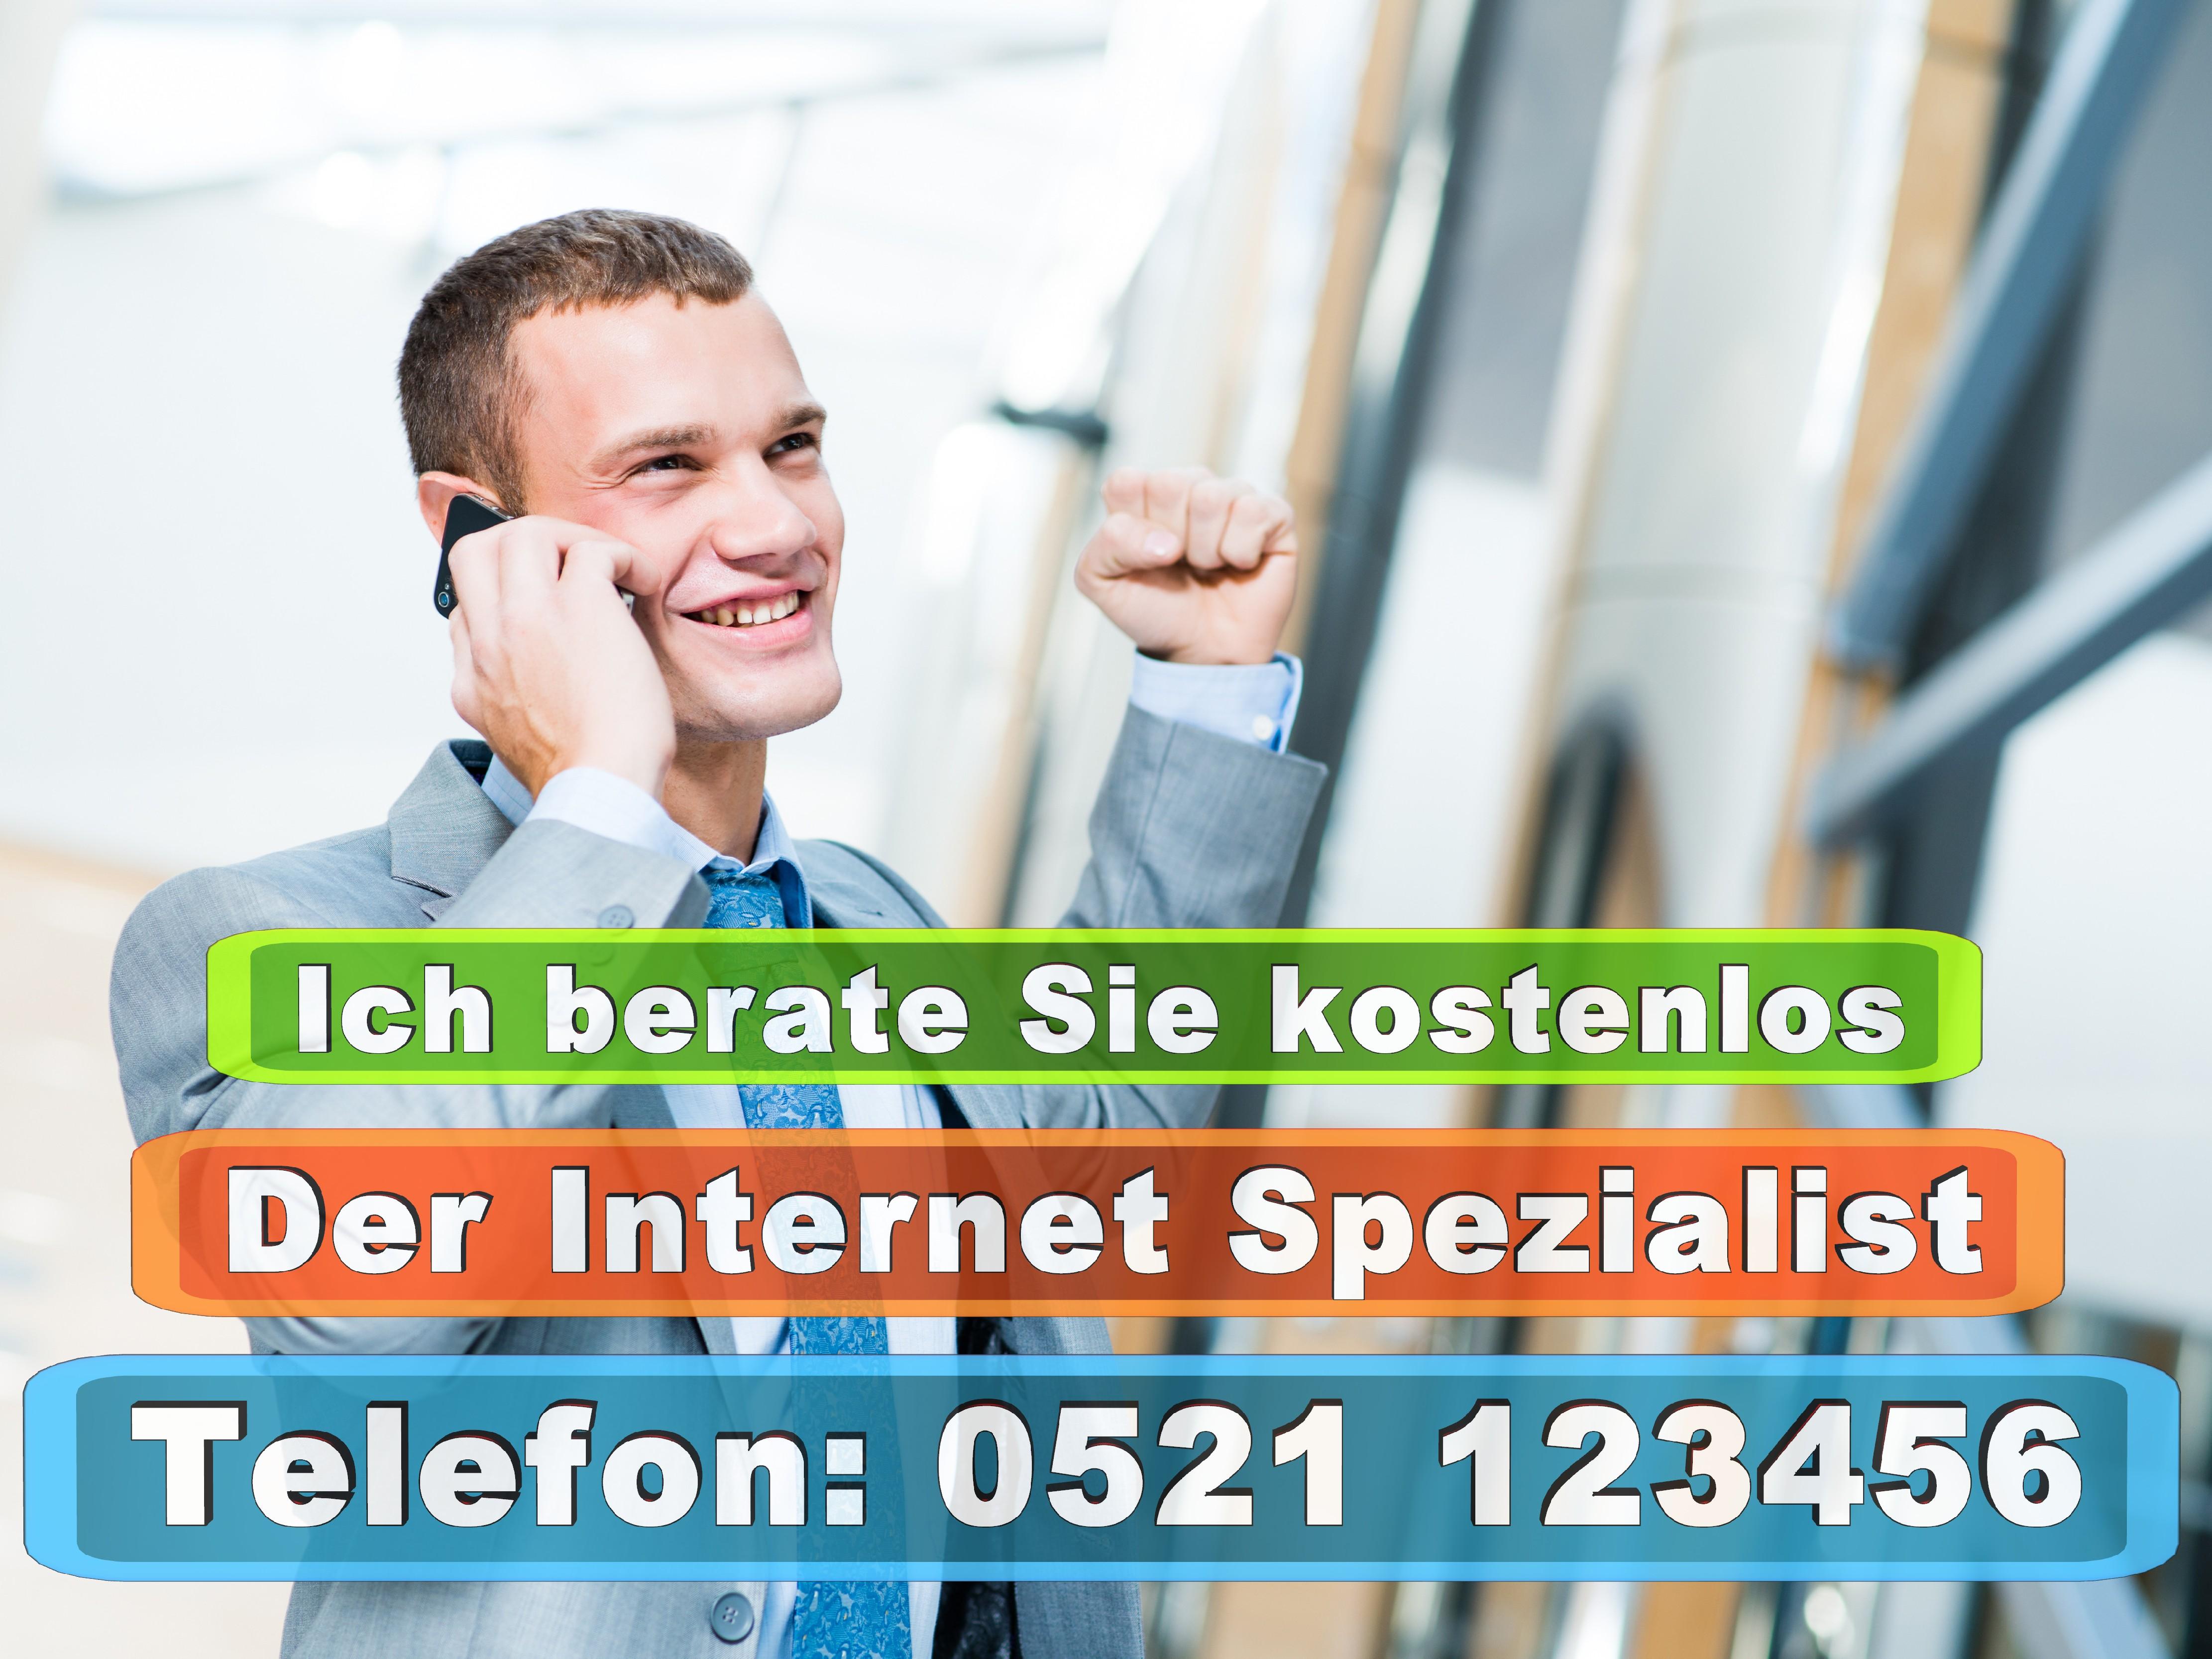 Steuerberater Bielefeld Rechtsanwalt Bielefeld Hausverwaltung Bielefeld Immobilien Bielefeld Architekt Bielefeld Büro Versicherungen (14)